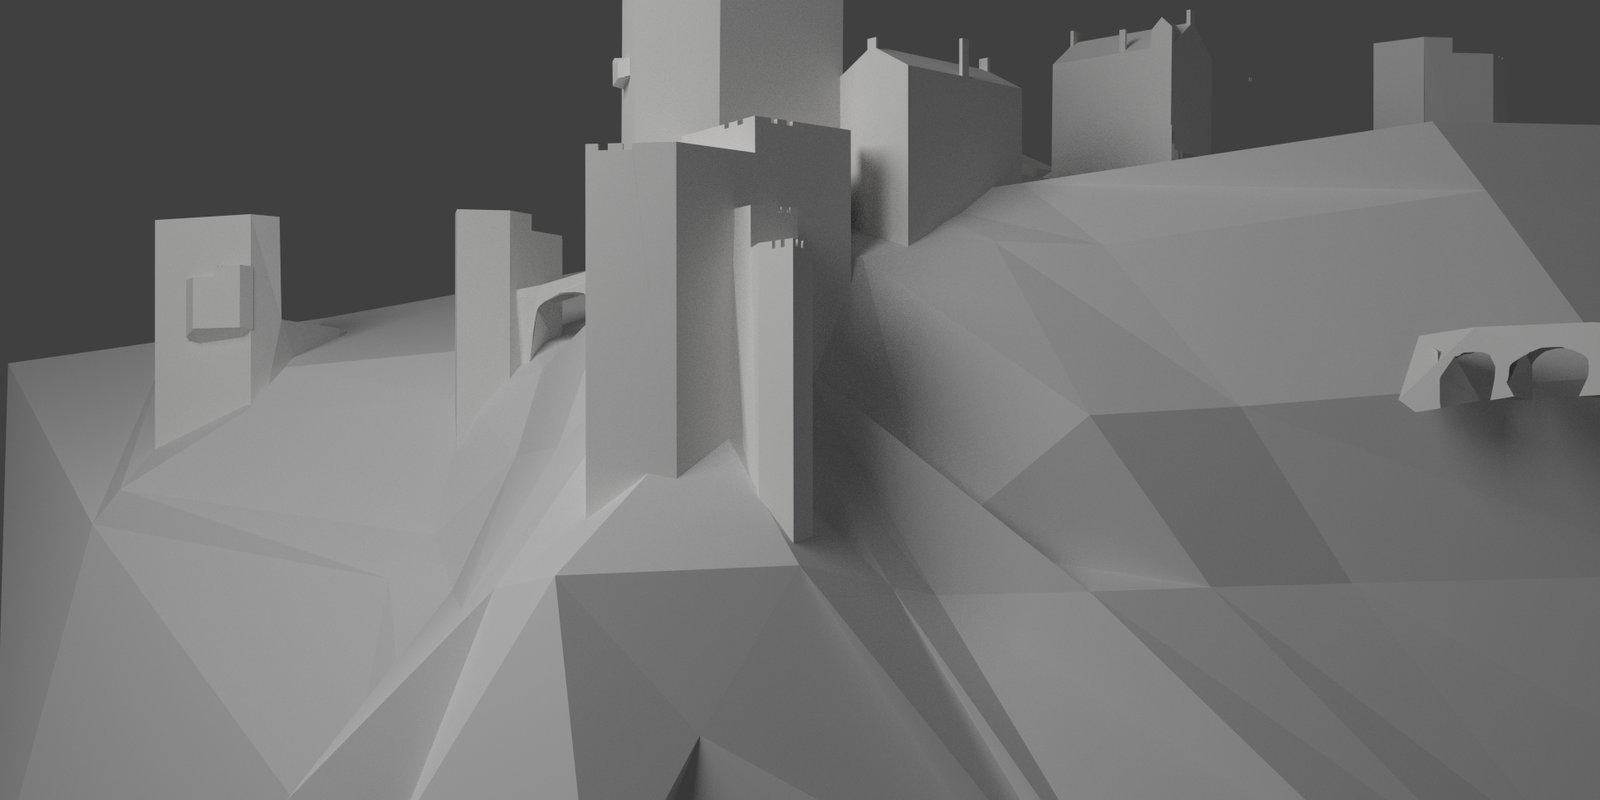 3D Base rendered in Blender